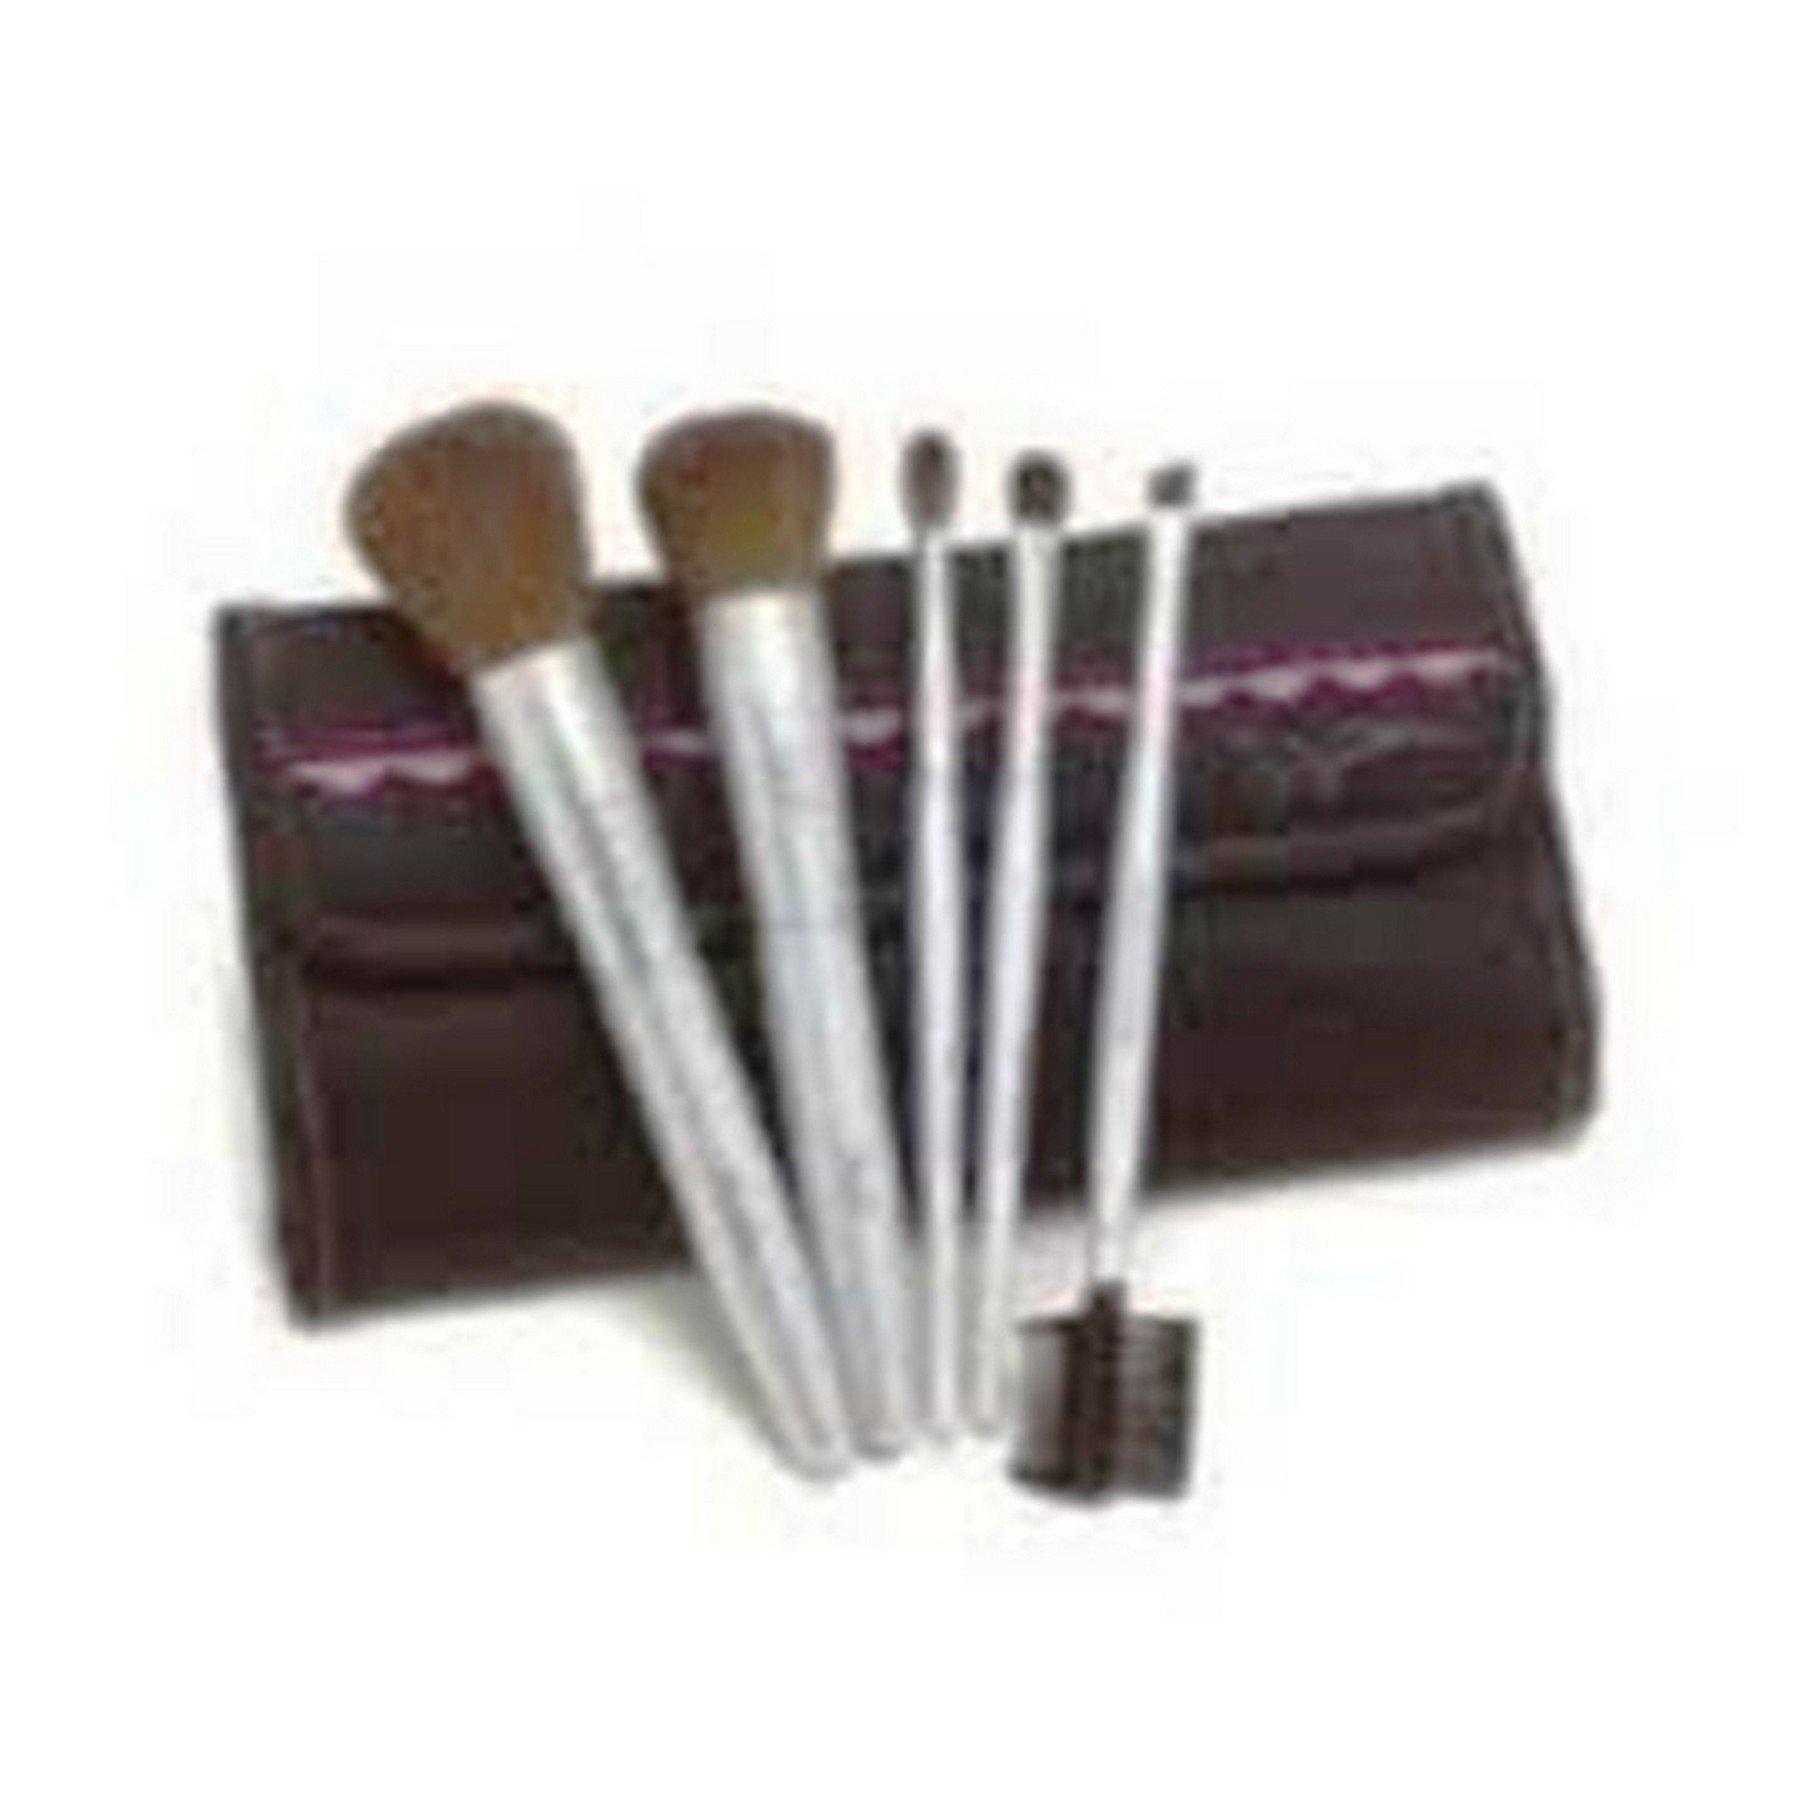 Mary Kay MK Signature® Brush Set